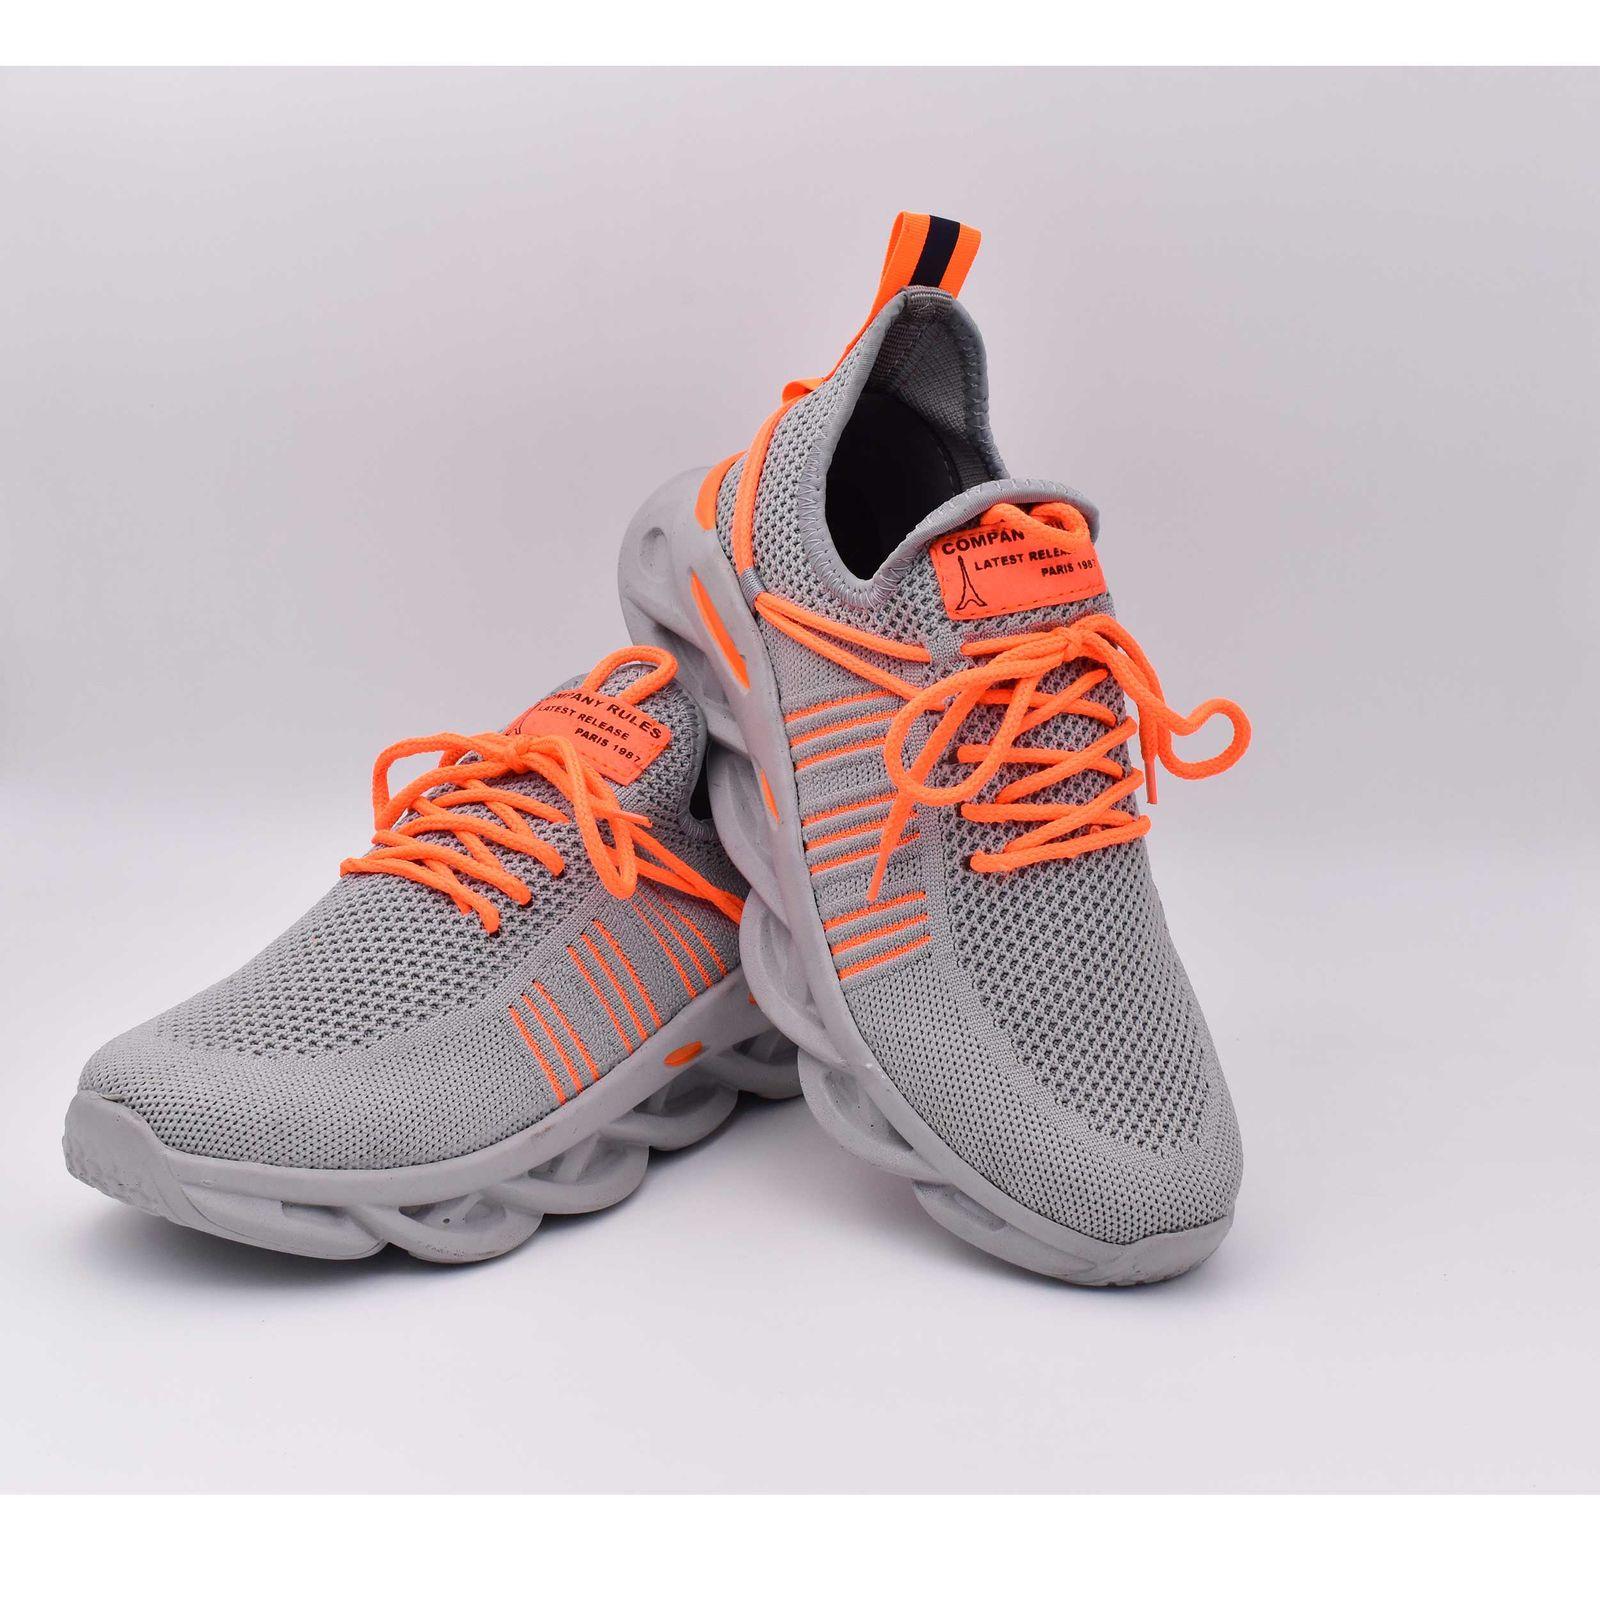 کفش دویدن مردانه مدل پارسا کد B1071-2 -  - 7